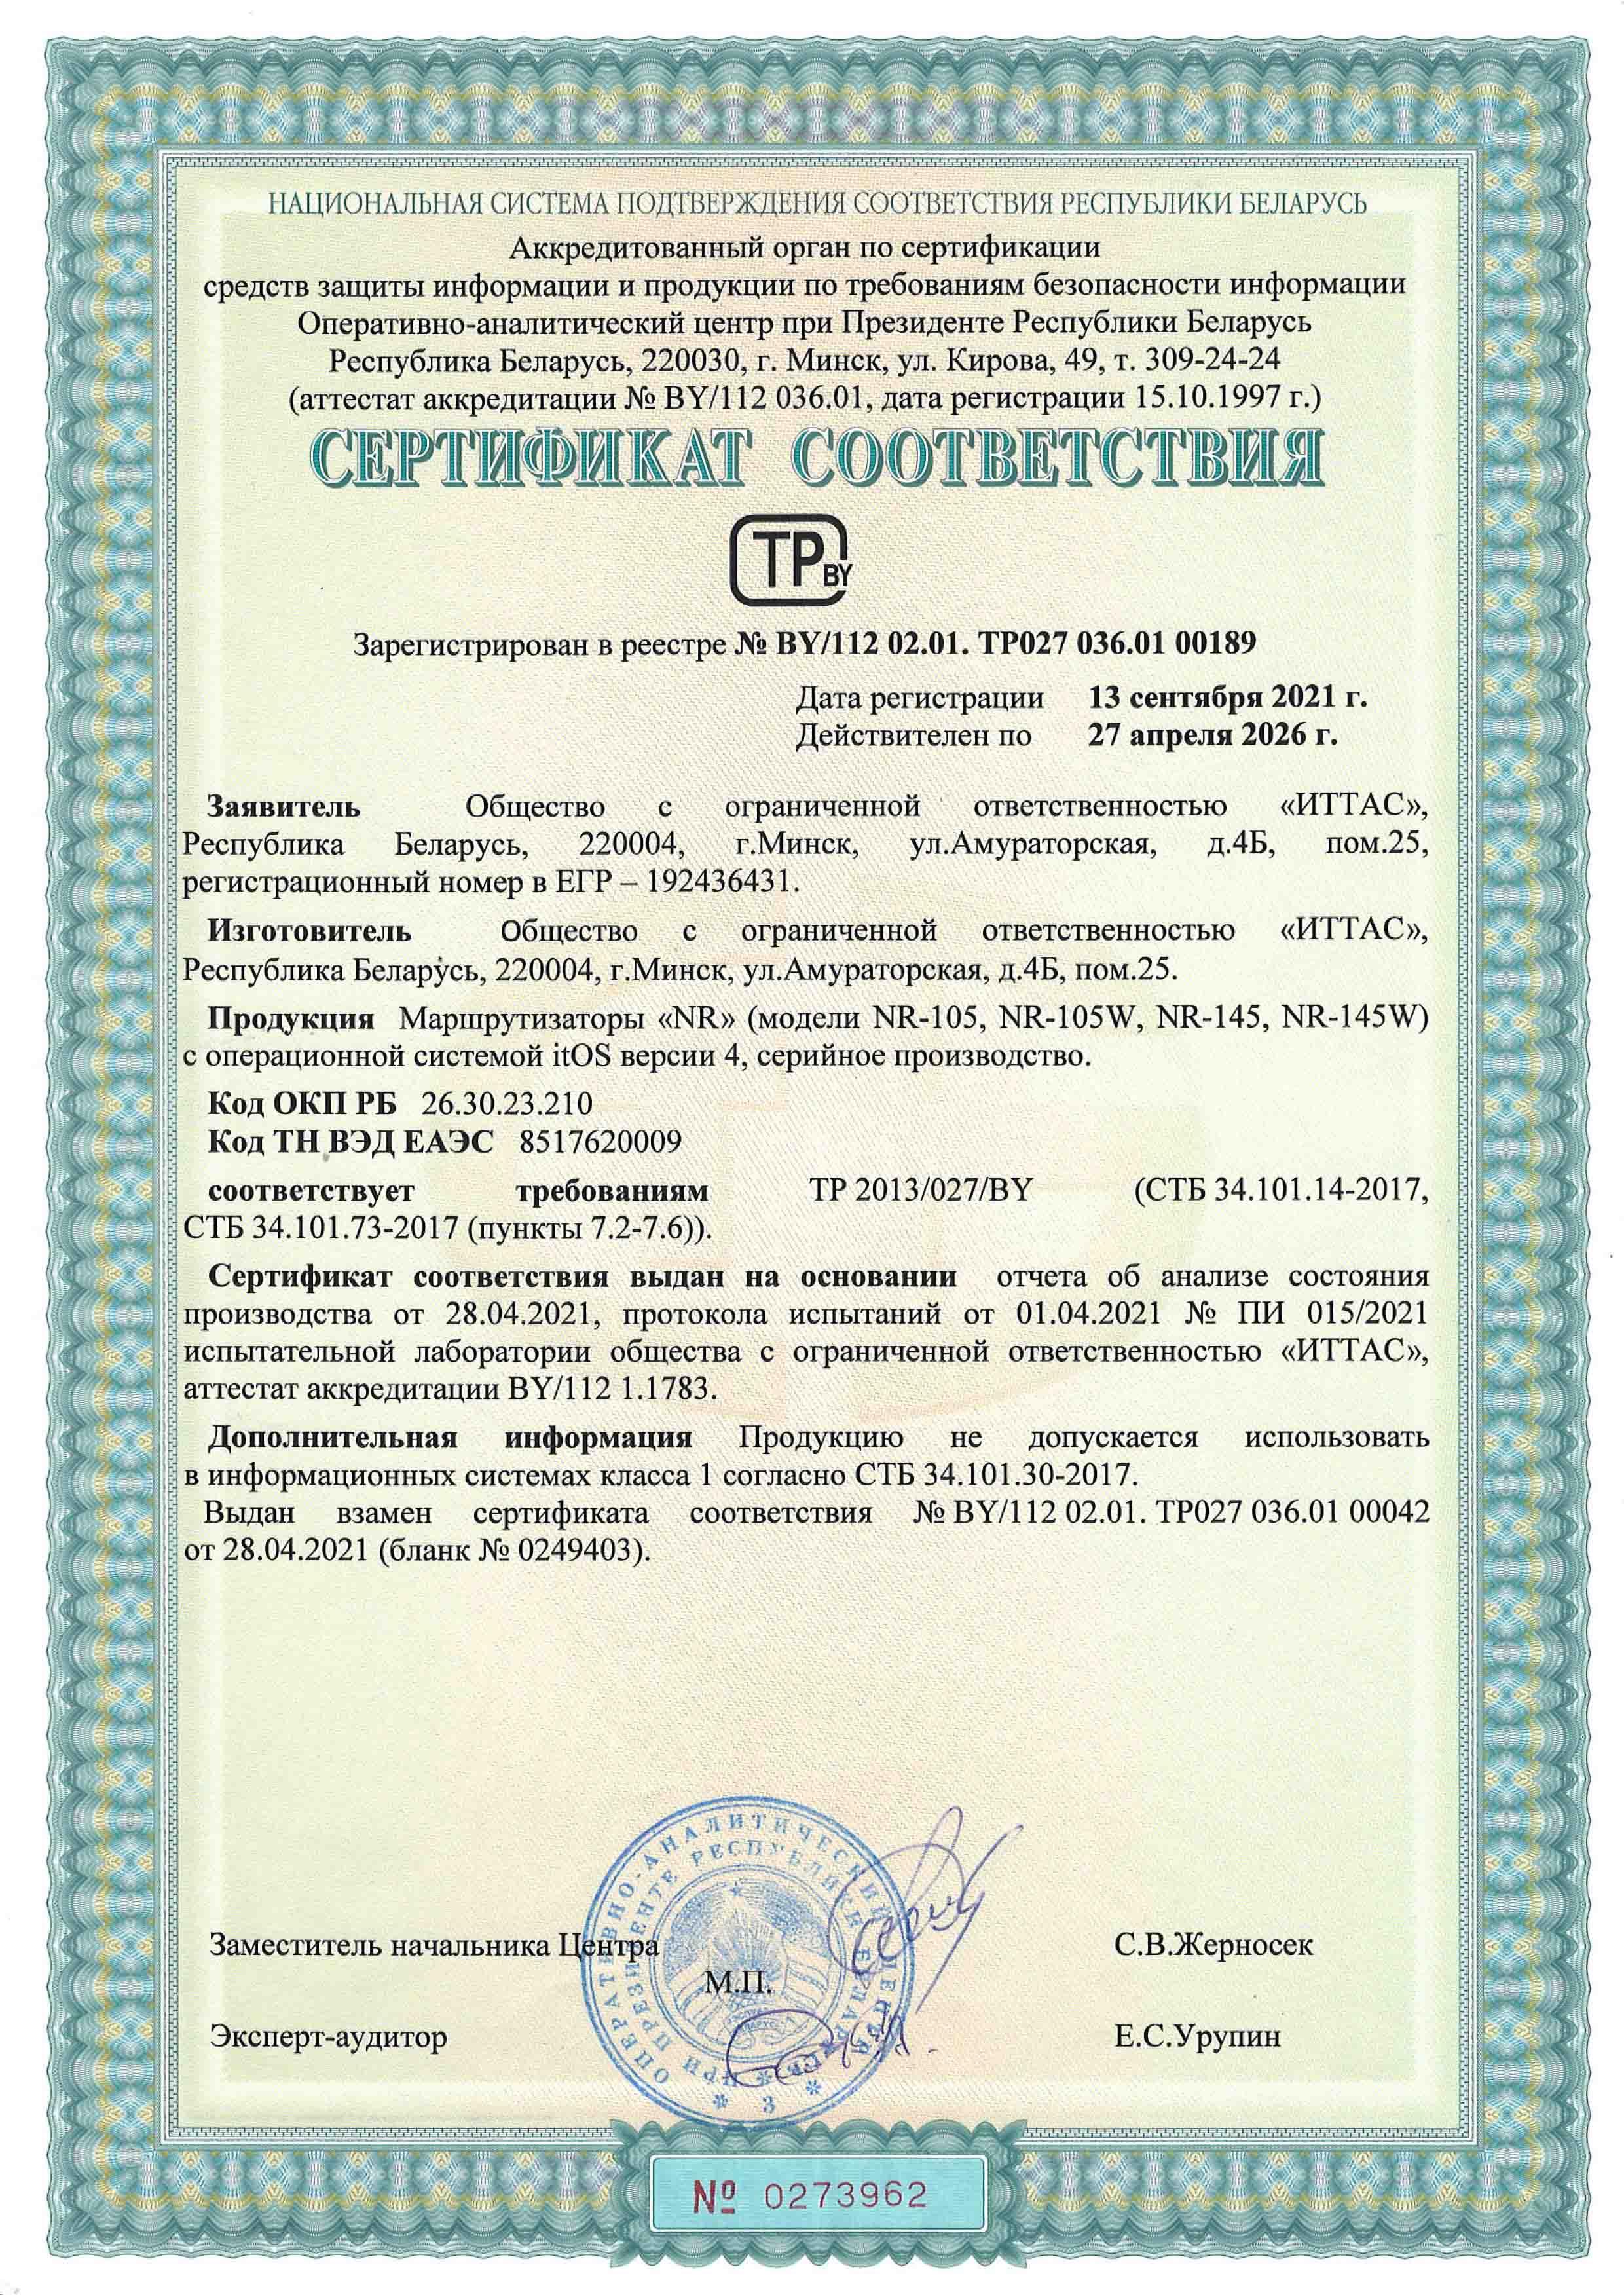 Сертификат соответствия маршрутизаторов серии NR